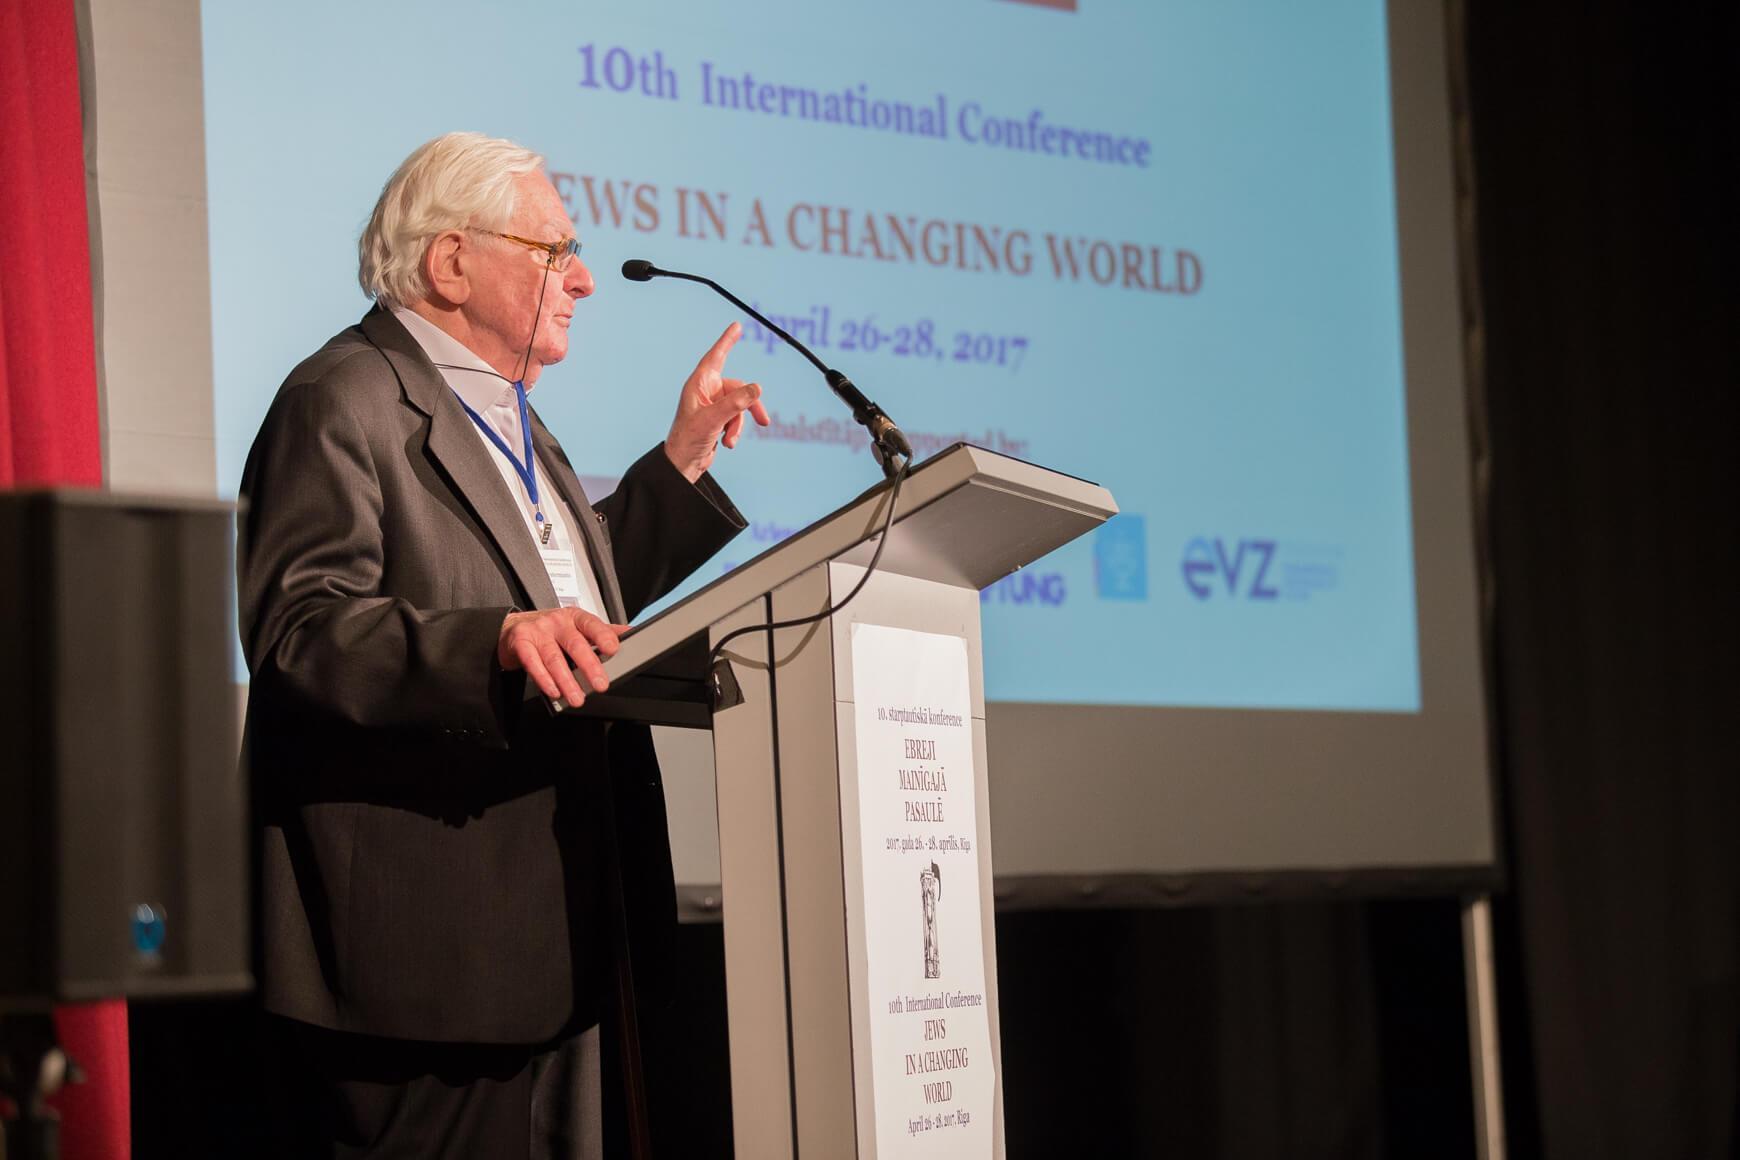 Thumbnail for: Фото: В Риге прошла конференция «Евреи в меняющемся мире»